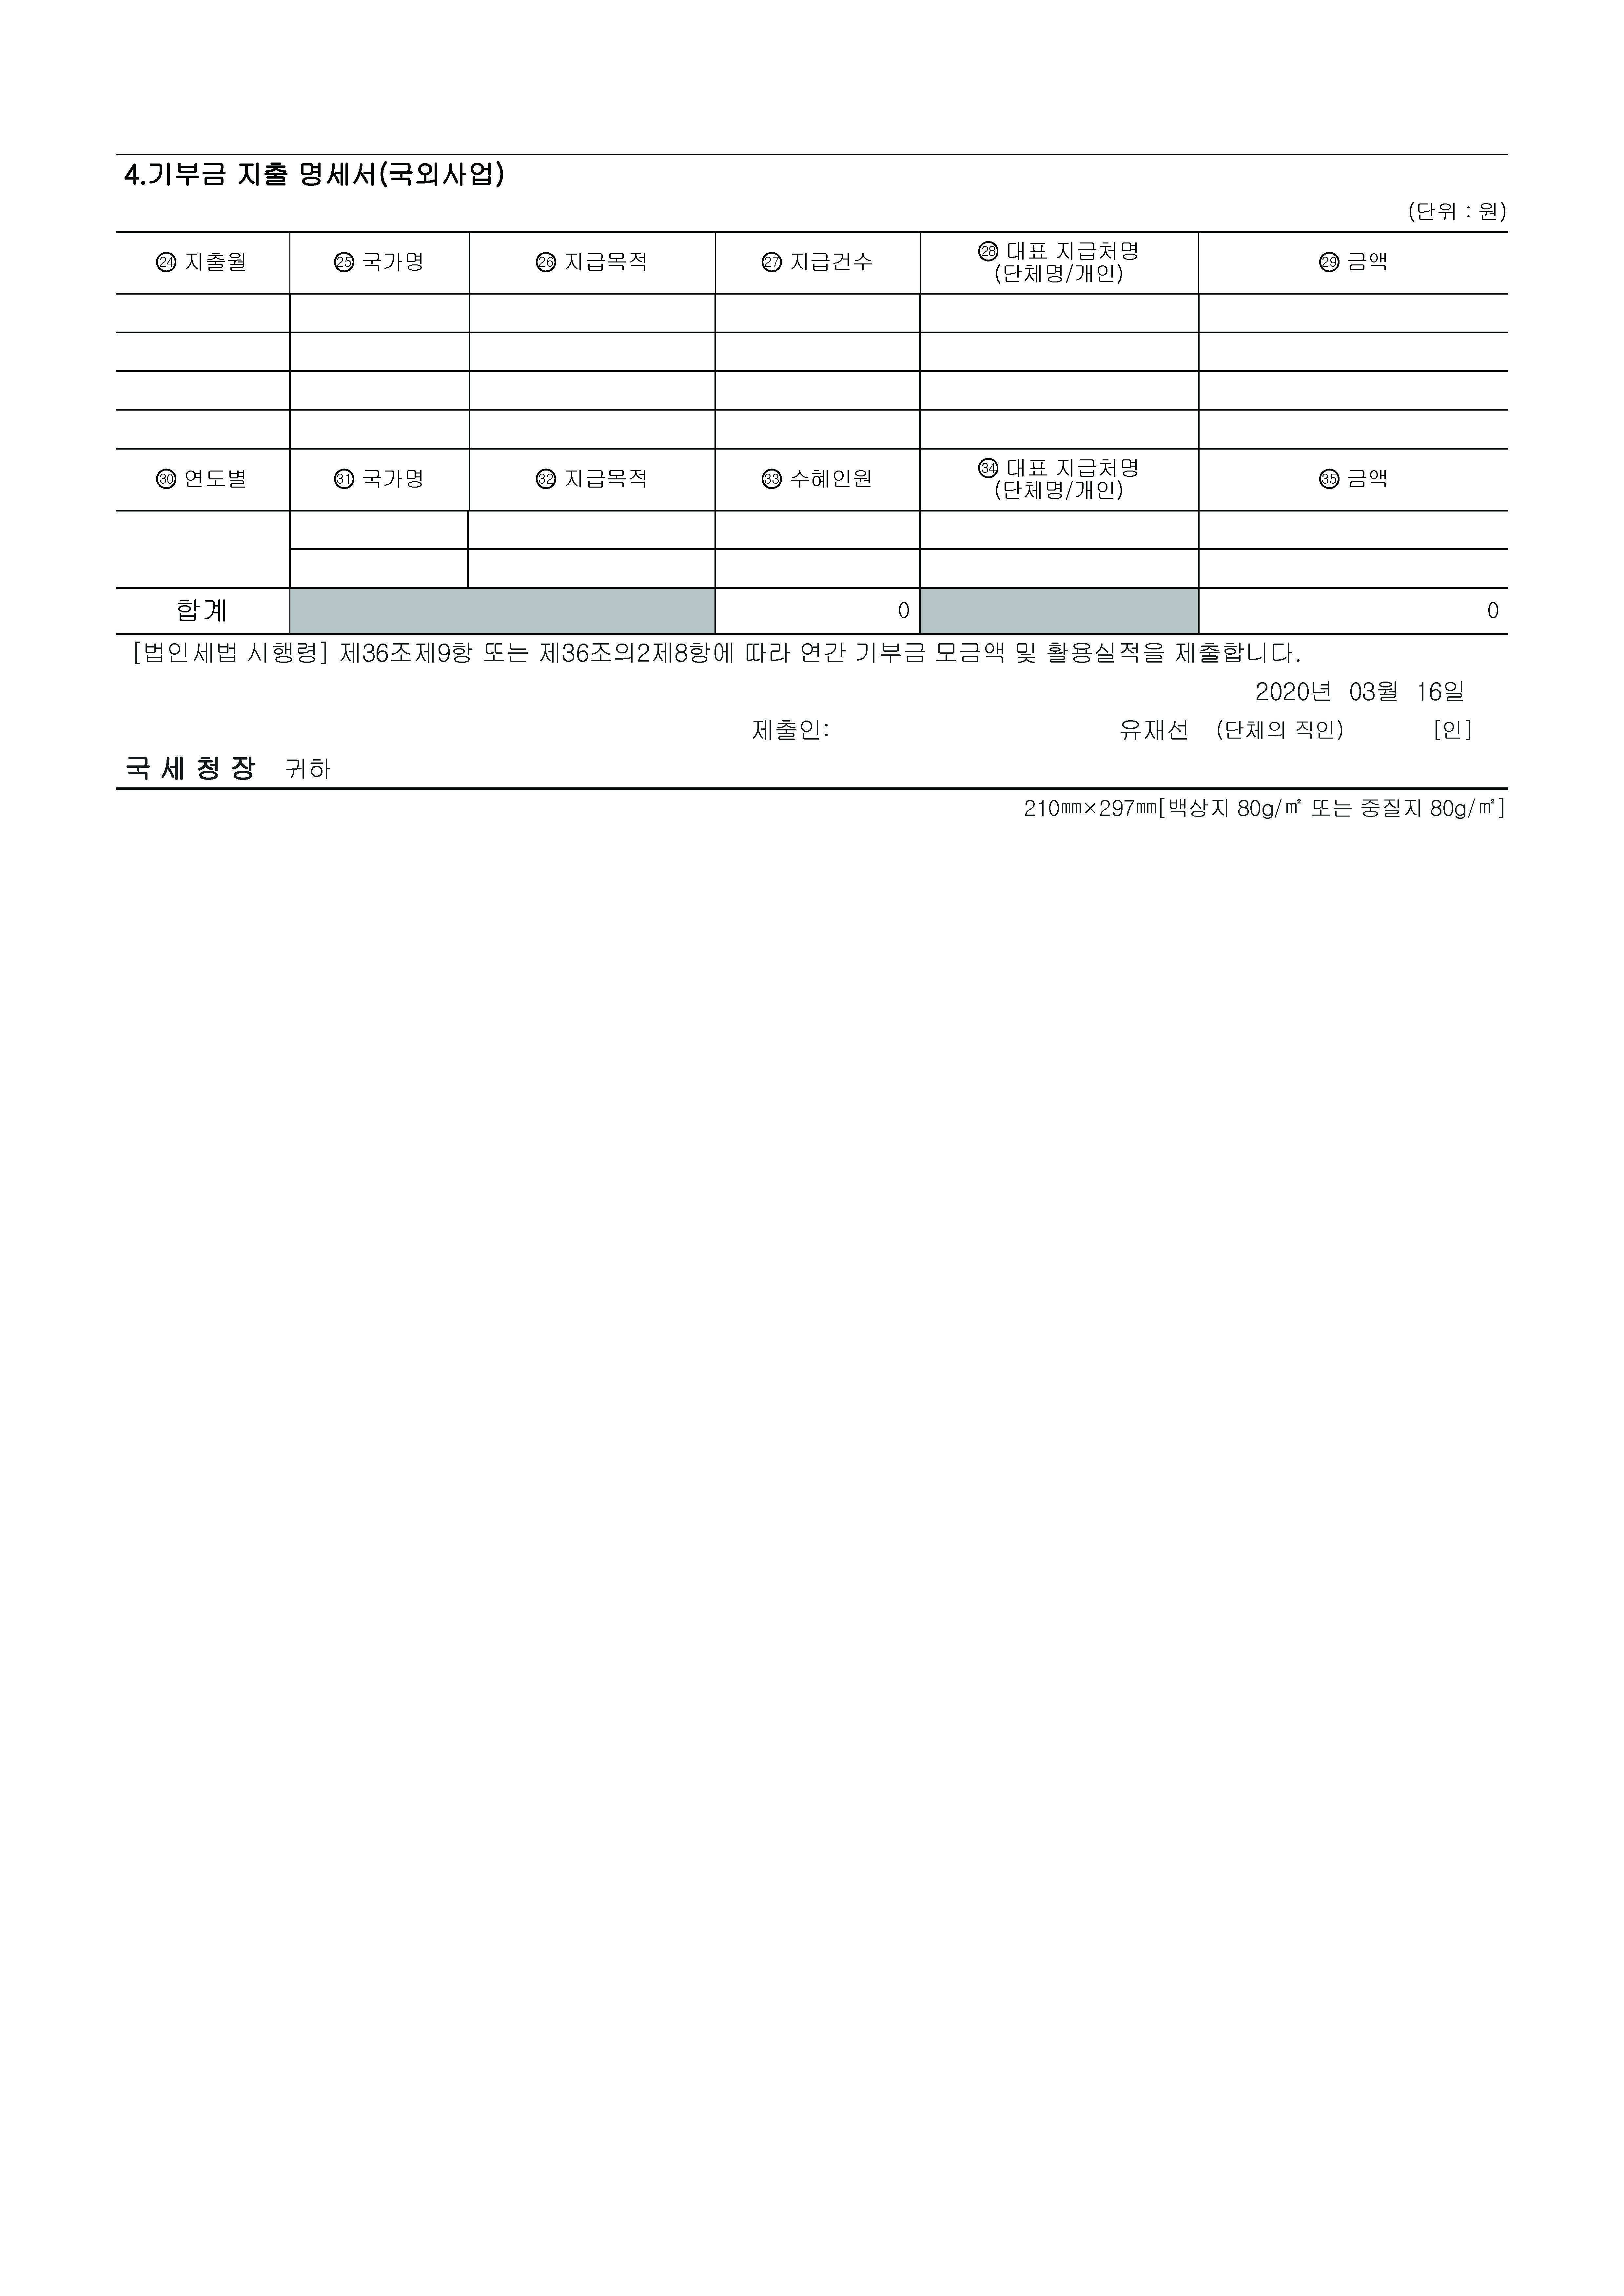 2019년도 귀속 연간 기부금 모금액 및 활용실적 내역_페이지_2.jpg